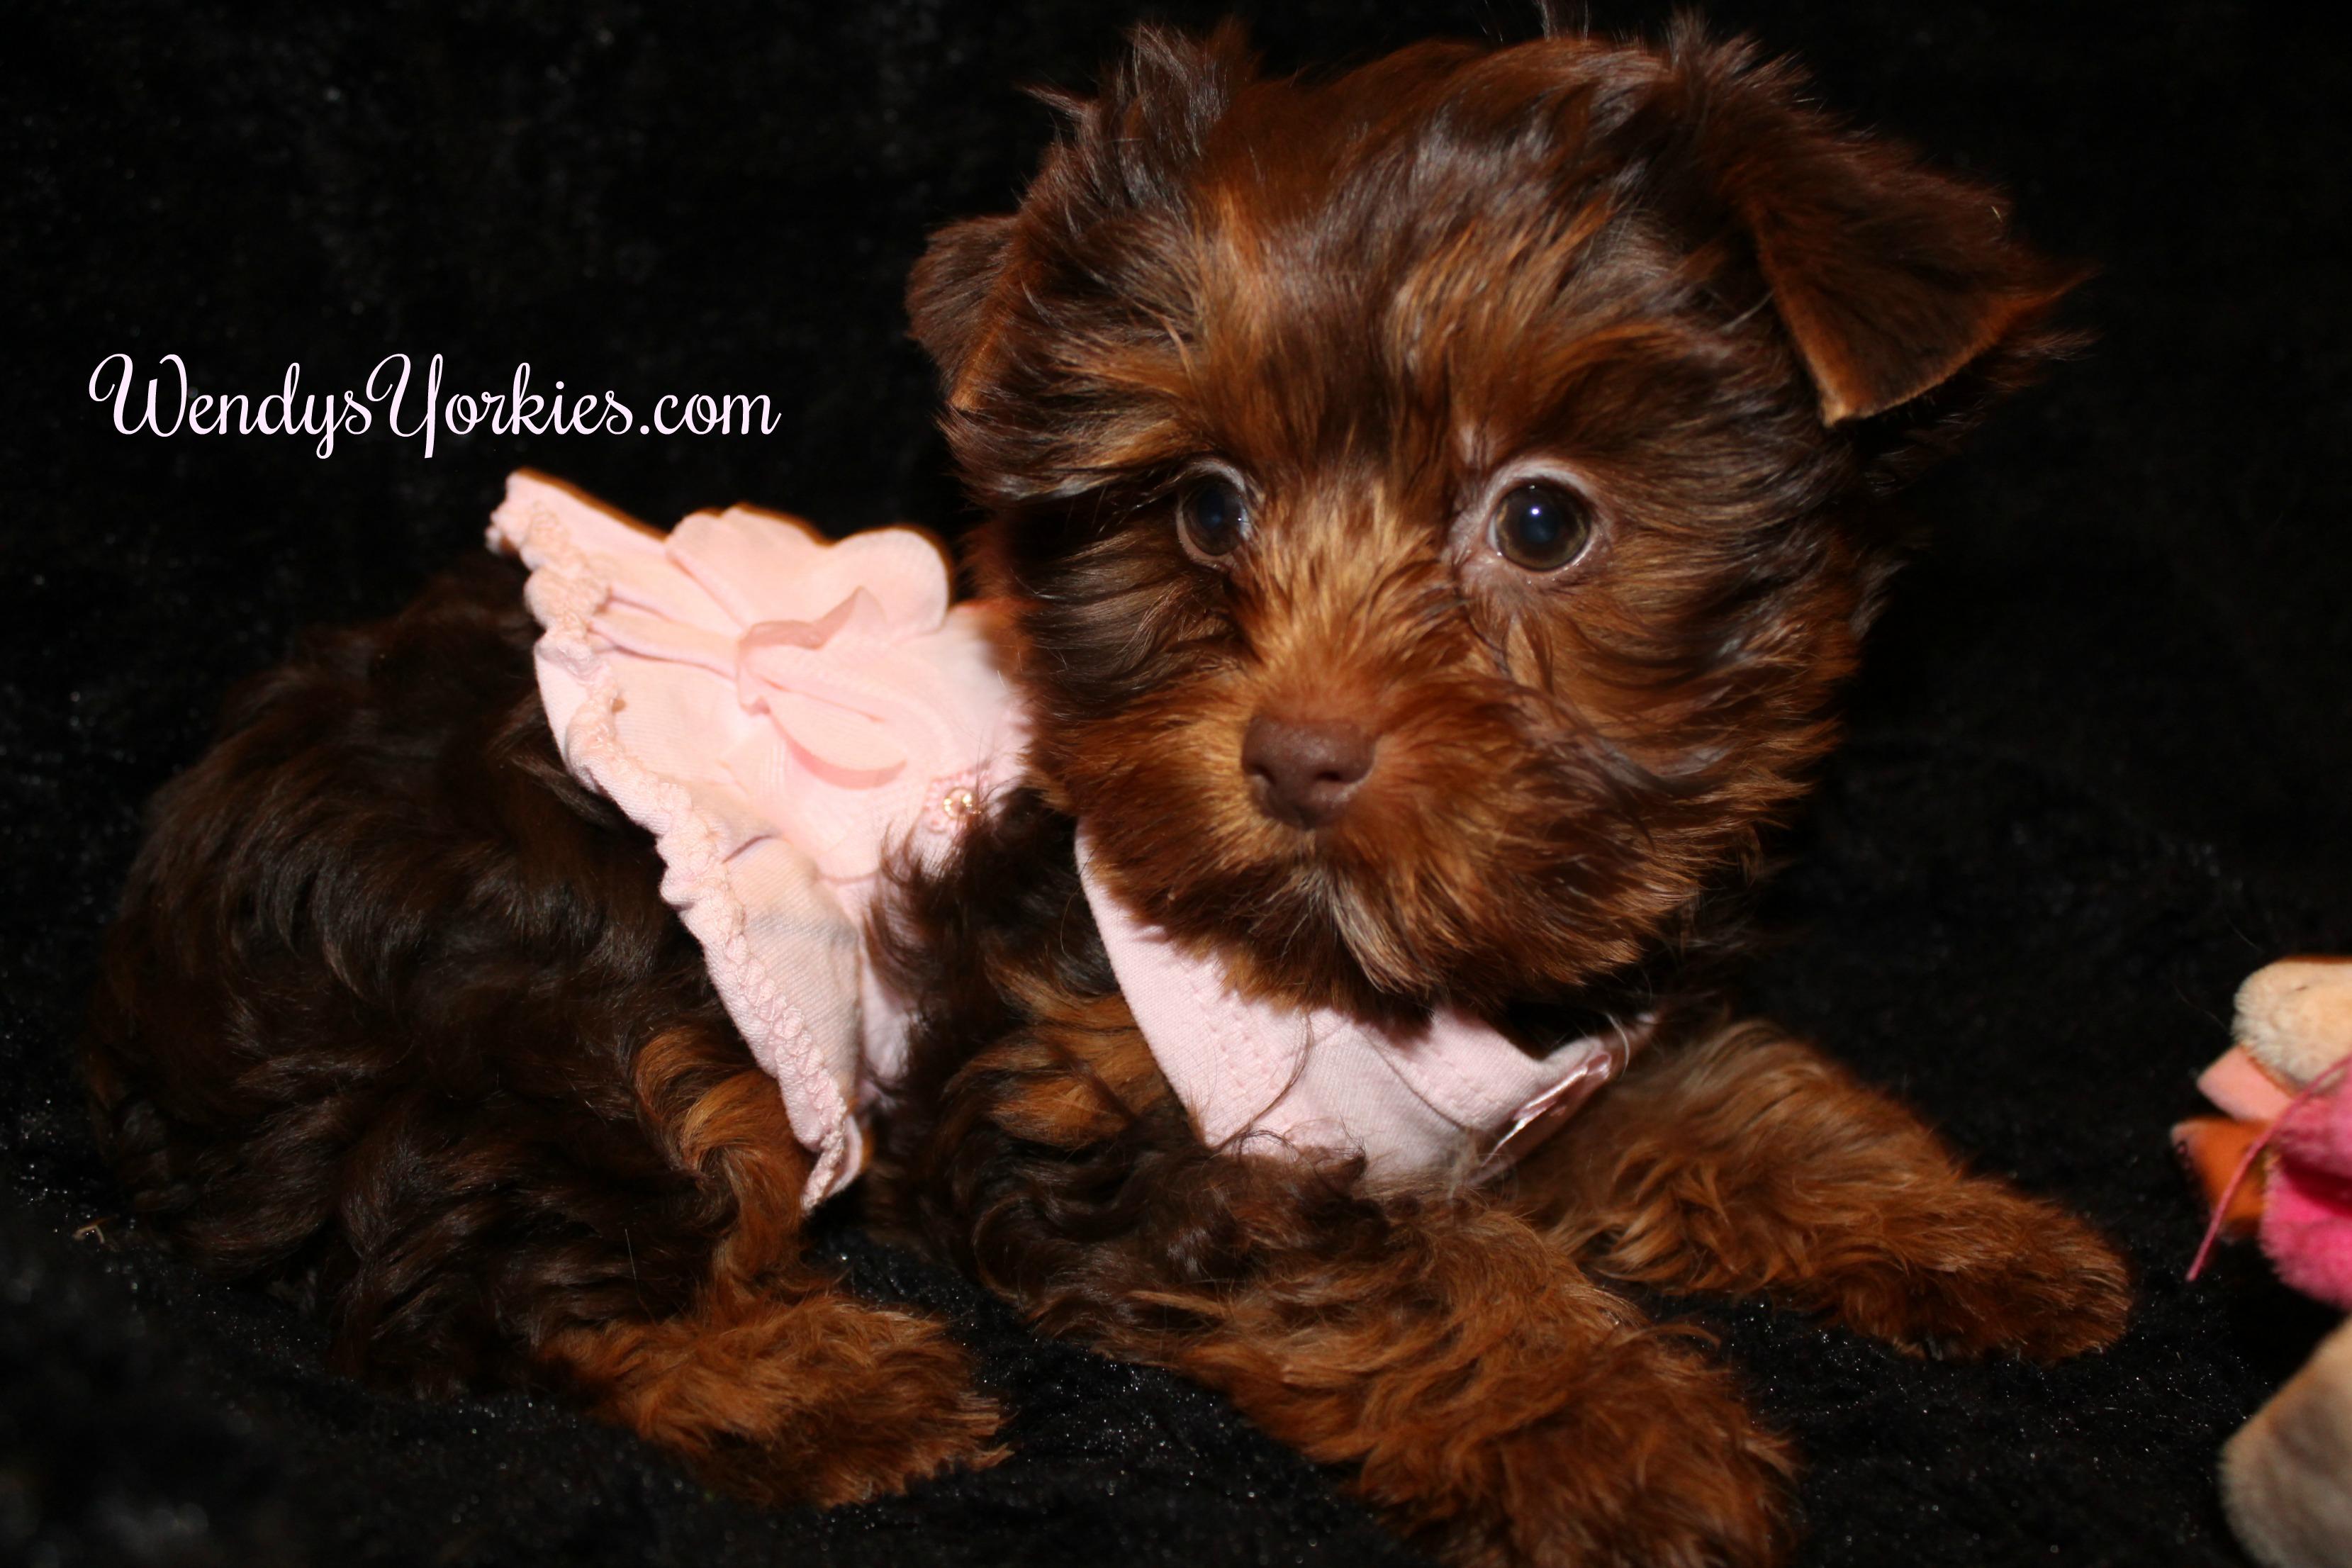 Teacup Chocolate Yorkie puppy for sale, WendysYorkies.com, Lela Cf1